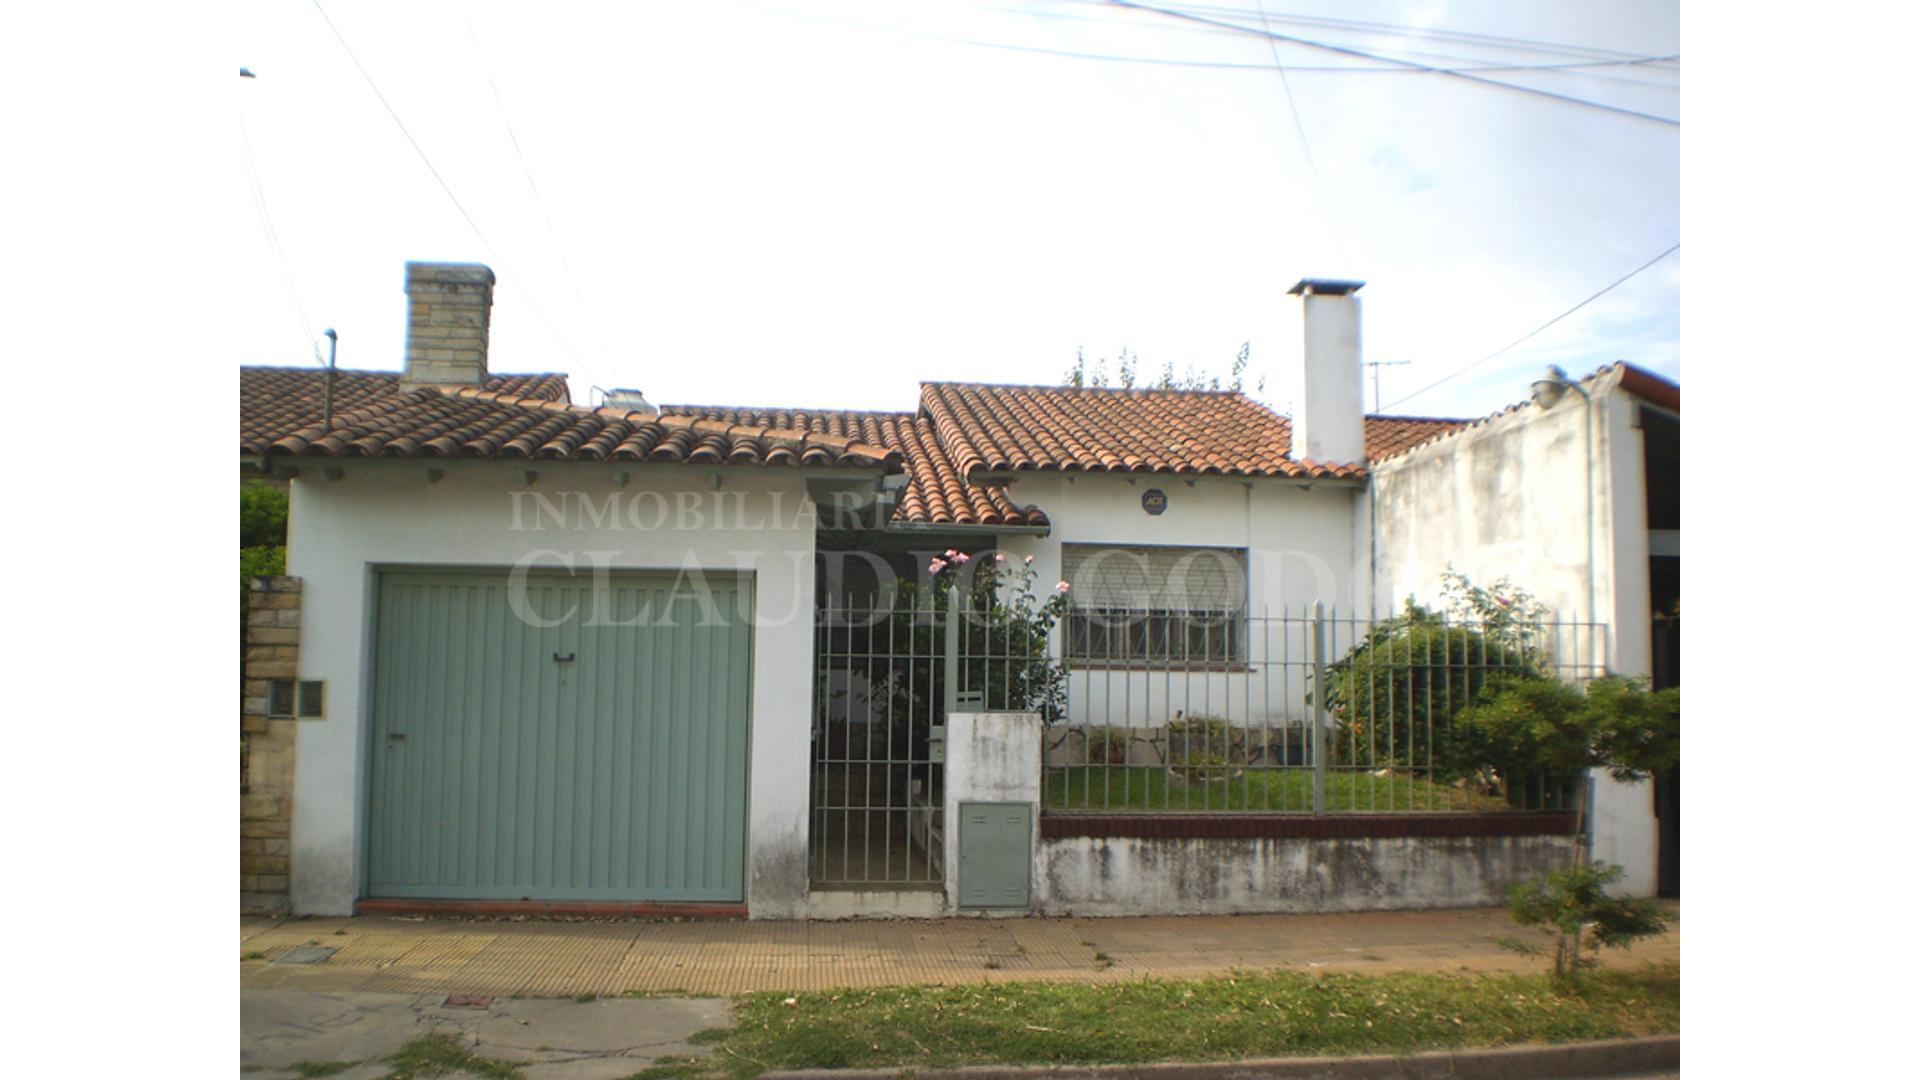 Cacique Calfucura 900 - U$D 160.000 - Casa en Venta